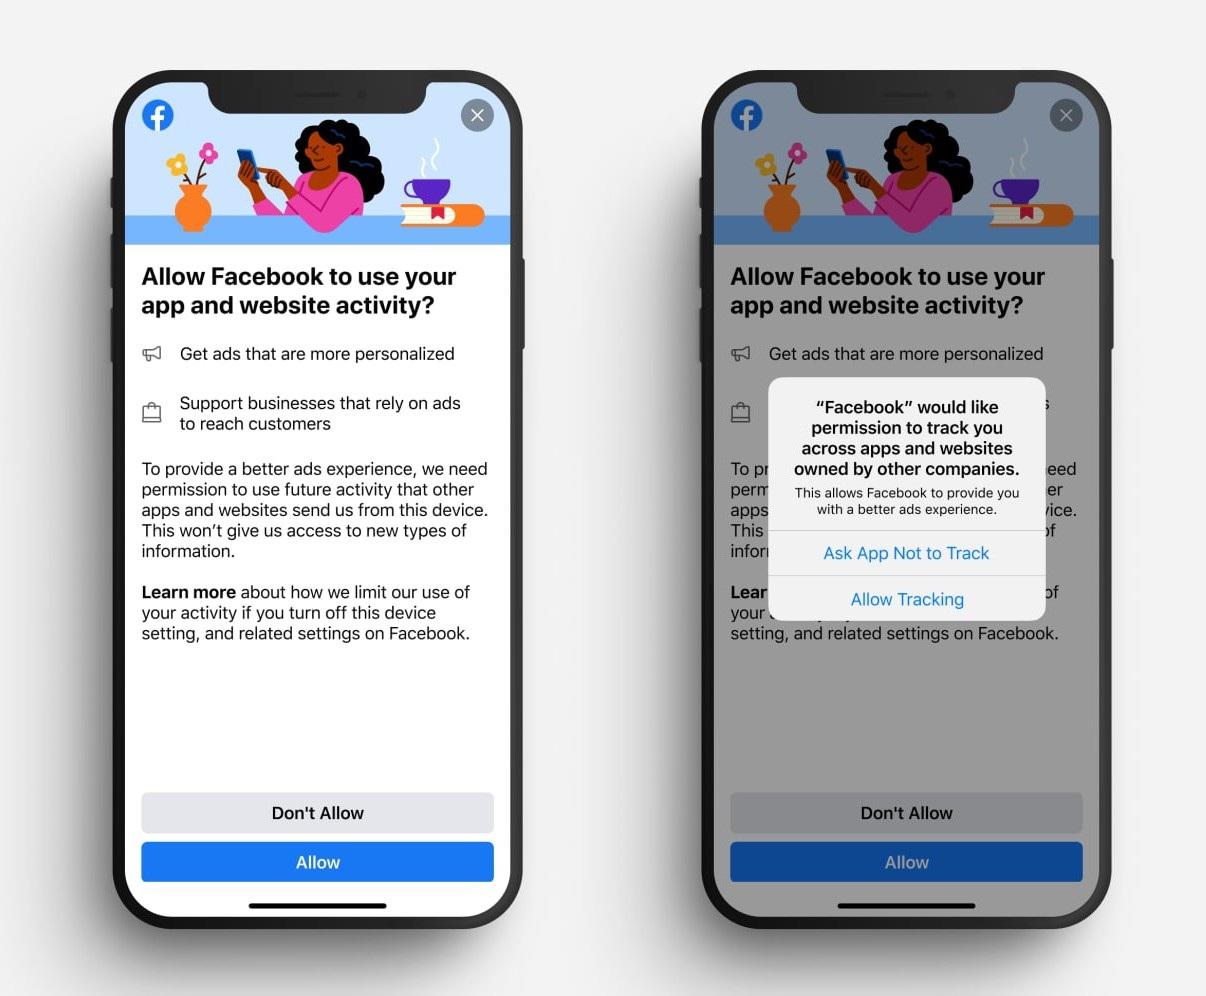 Facebook năn nỉ người dùng iOS cho phép lấy dữ liệu để quảng cáo - 1